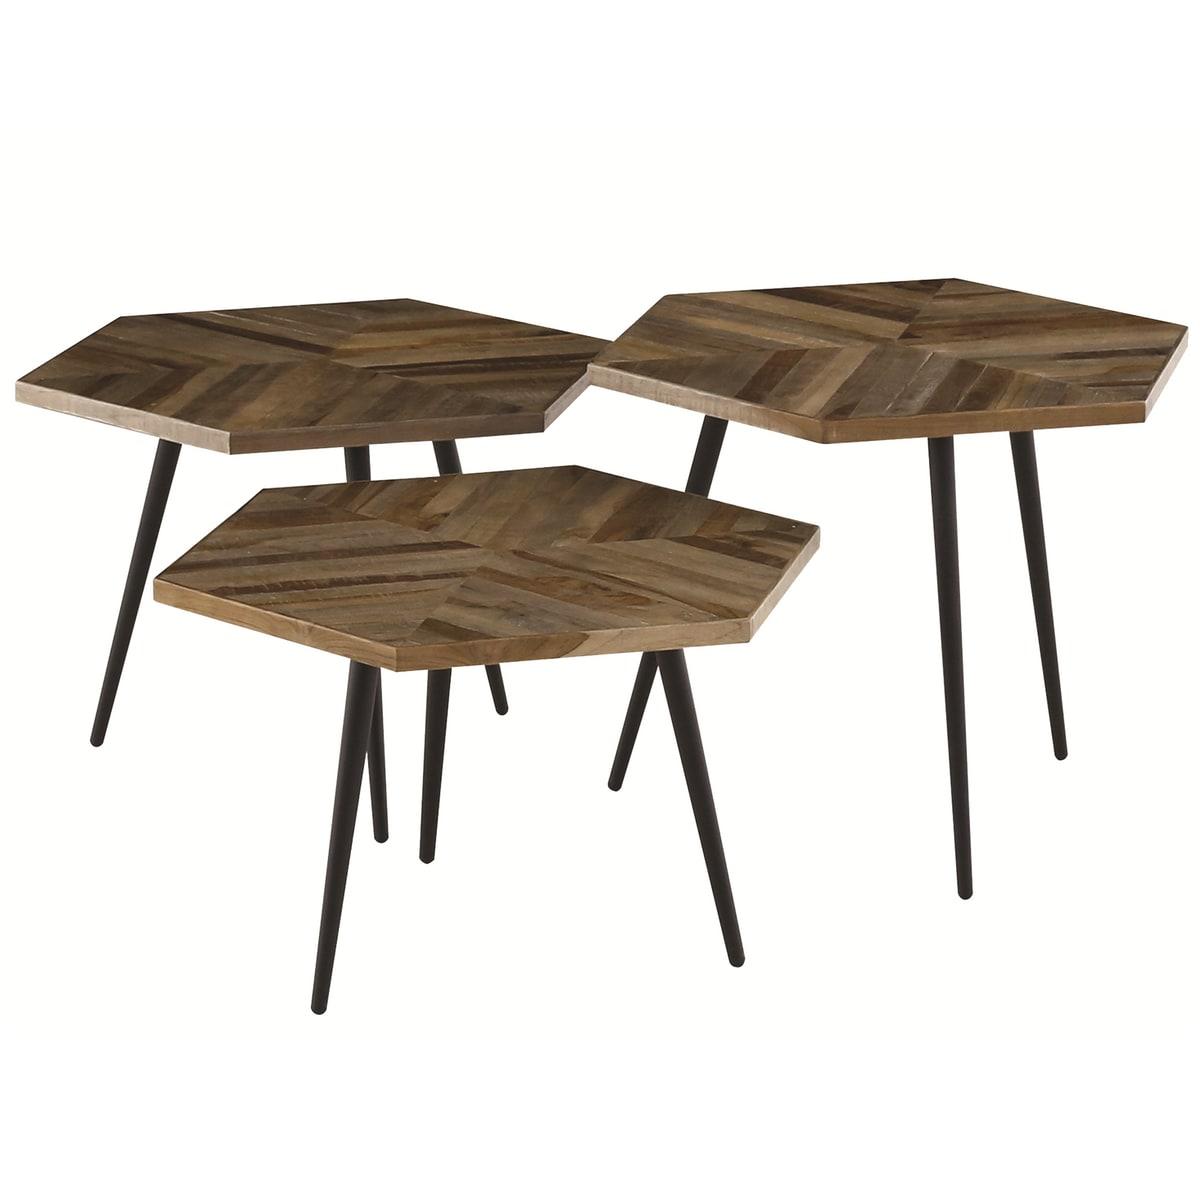 Tables basses hexagonales teck recyclé et métal (set de 3)